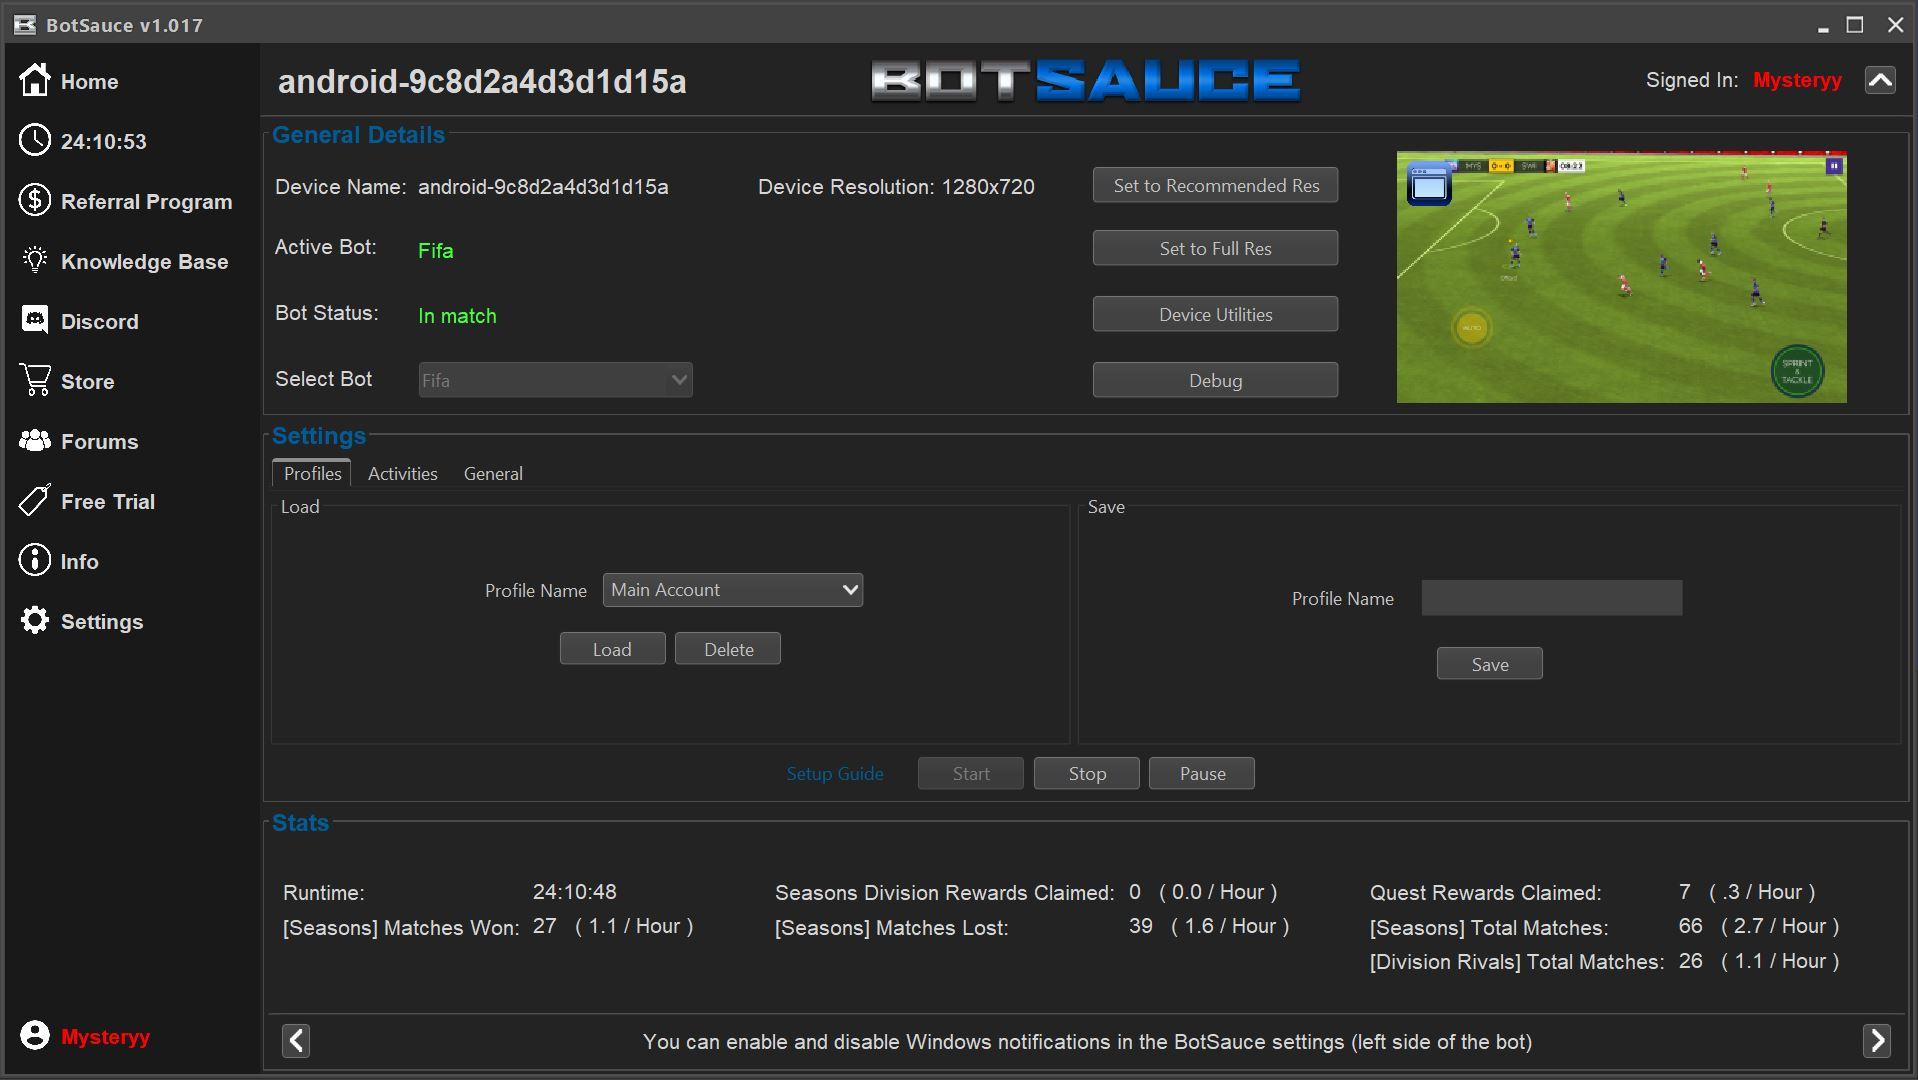 BotSauce bot running FIFA Mobile image